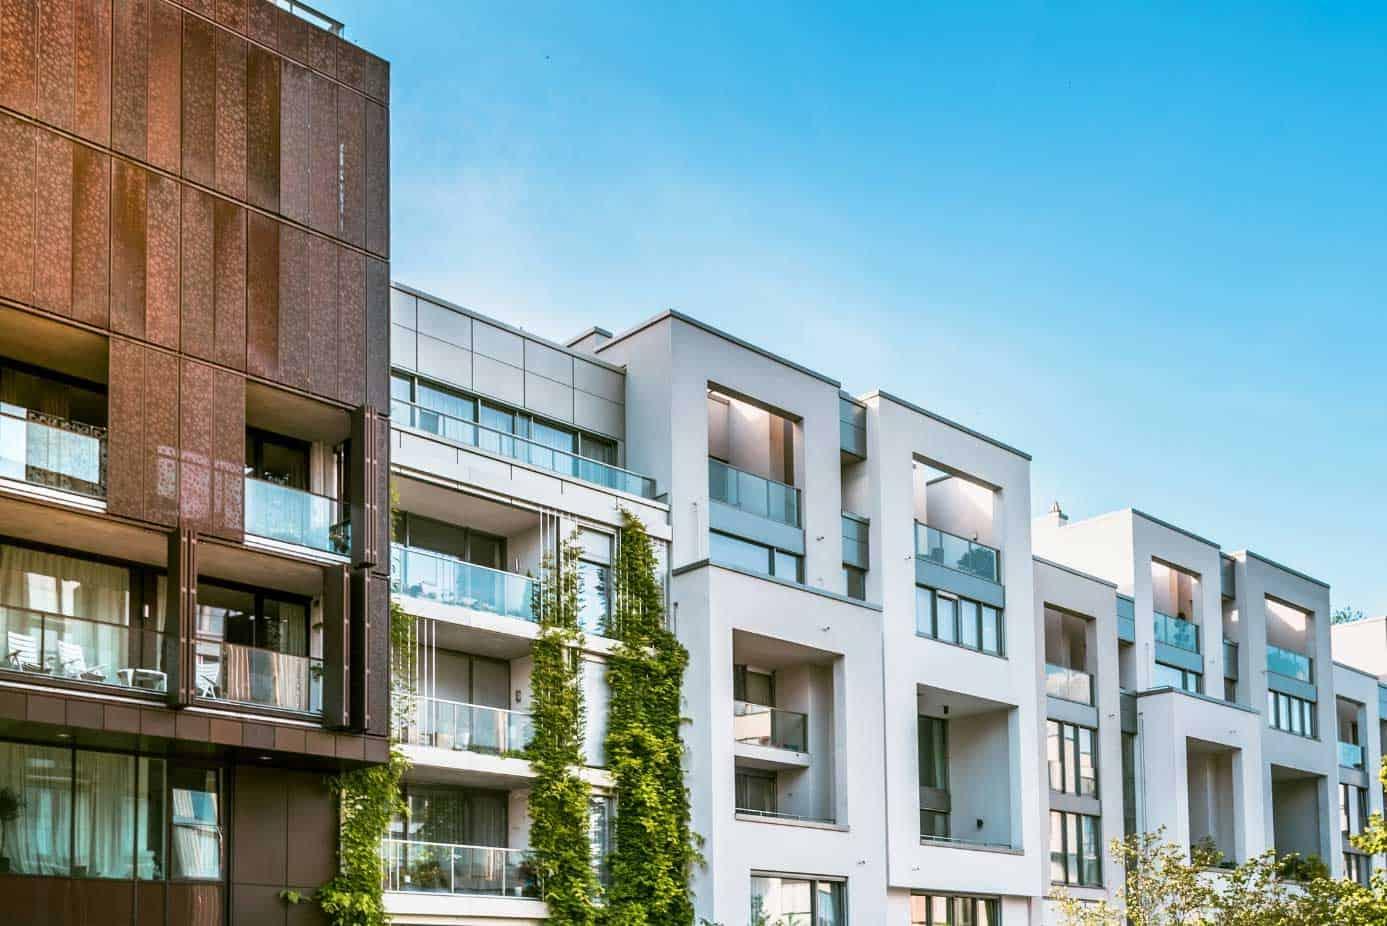 Neubau mit dezentraler Wohnraumlüftung ohne Wärmerückgewinnung